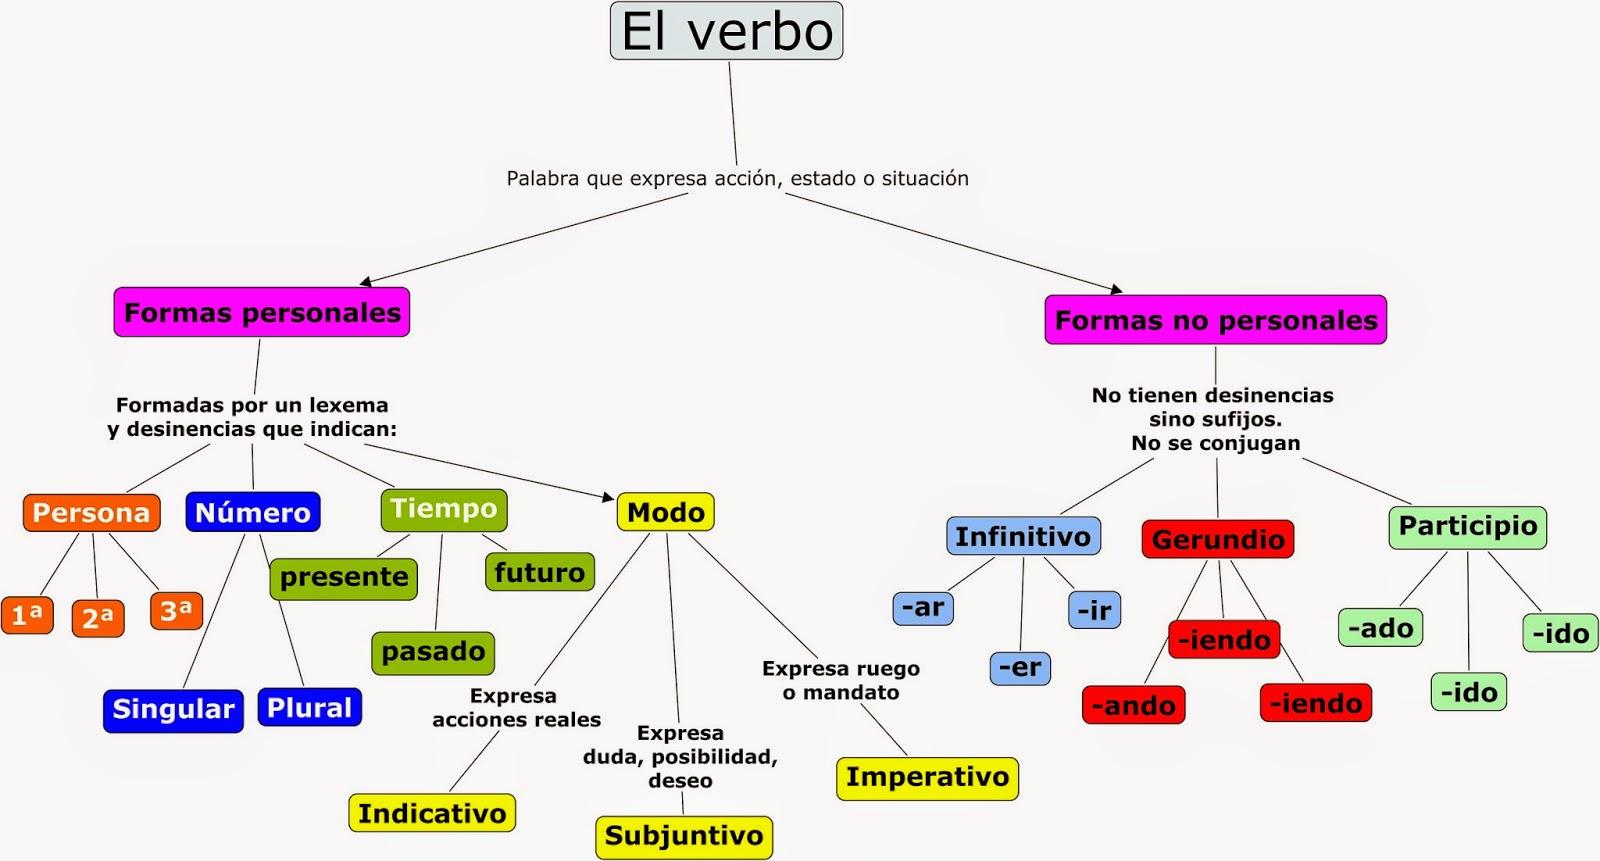 http://luisamariaarias.files.wordpress.com/2012/01/el-verbo.jpg